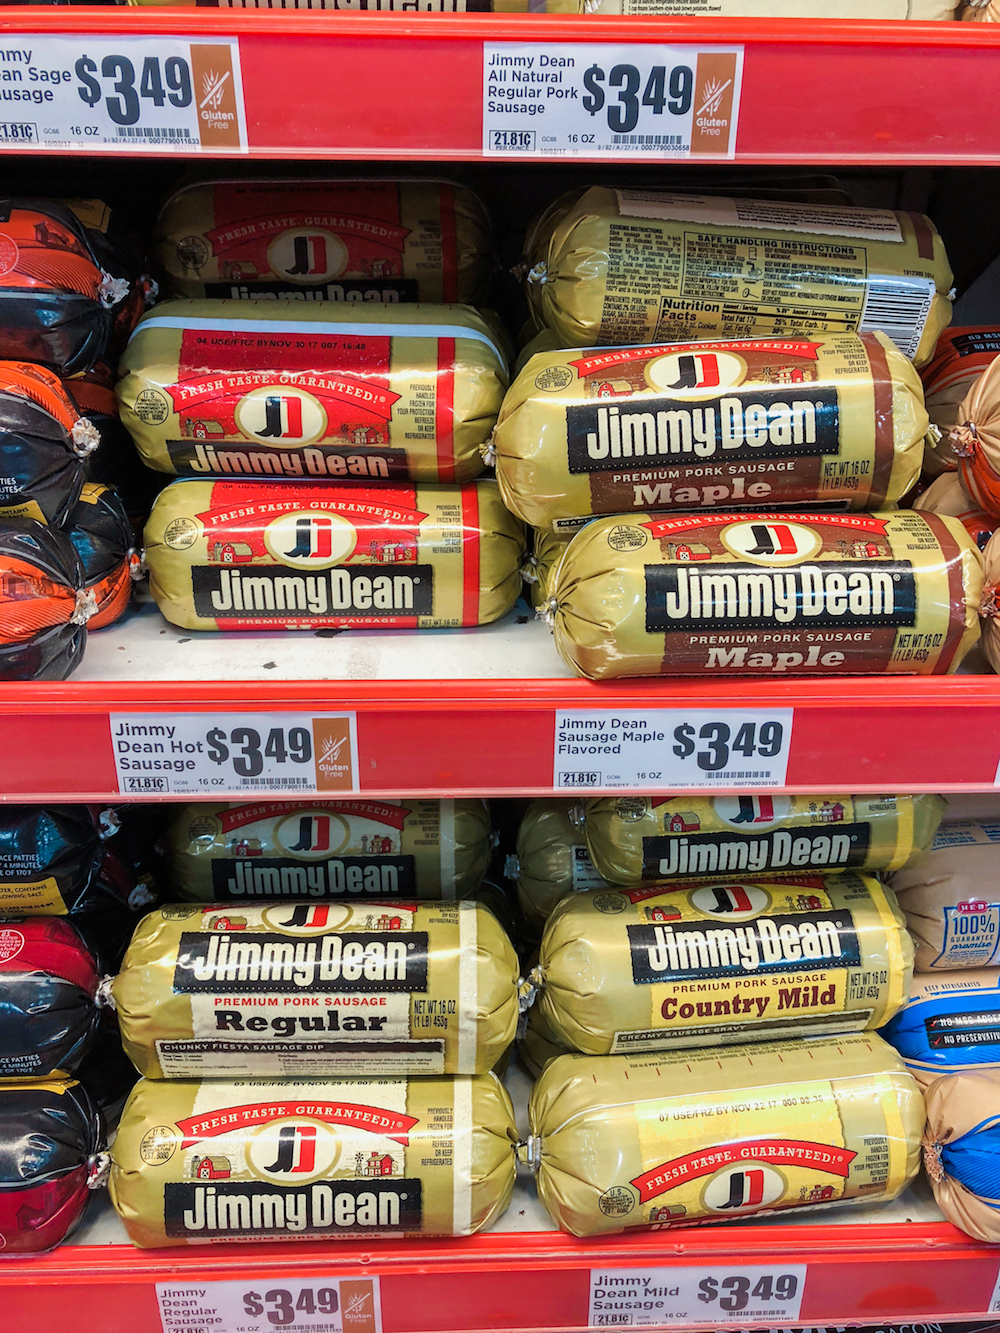 breakfast casserole, casserole recipe, breakfast casserole recipe, sausage casserole, jimmy dean sausage, heb, Austin blogger, Jesse Coulter, Jesse Coulter blog, food blogger, Texas blogger, easy casserole recipe, food blogger, food blog